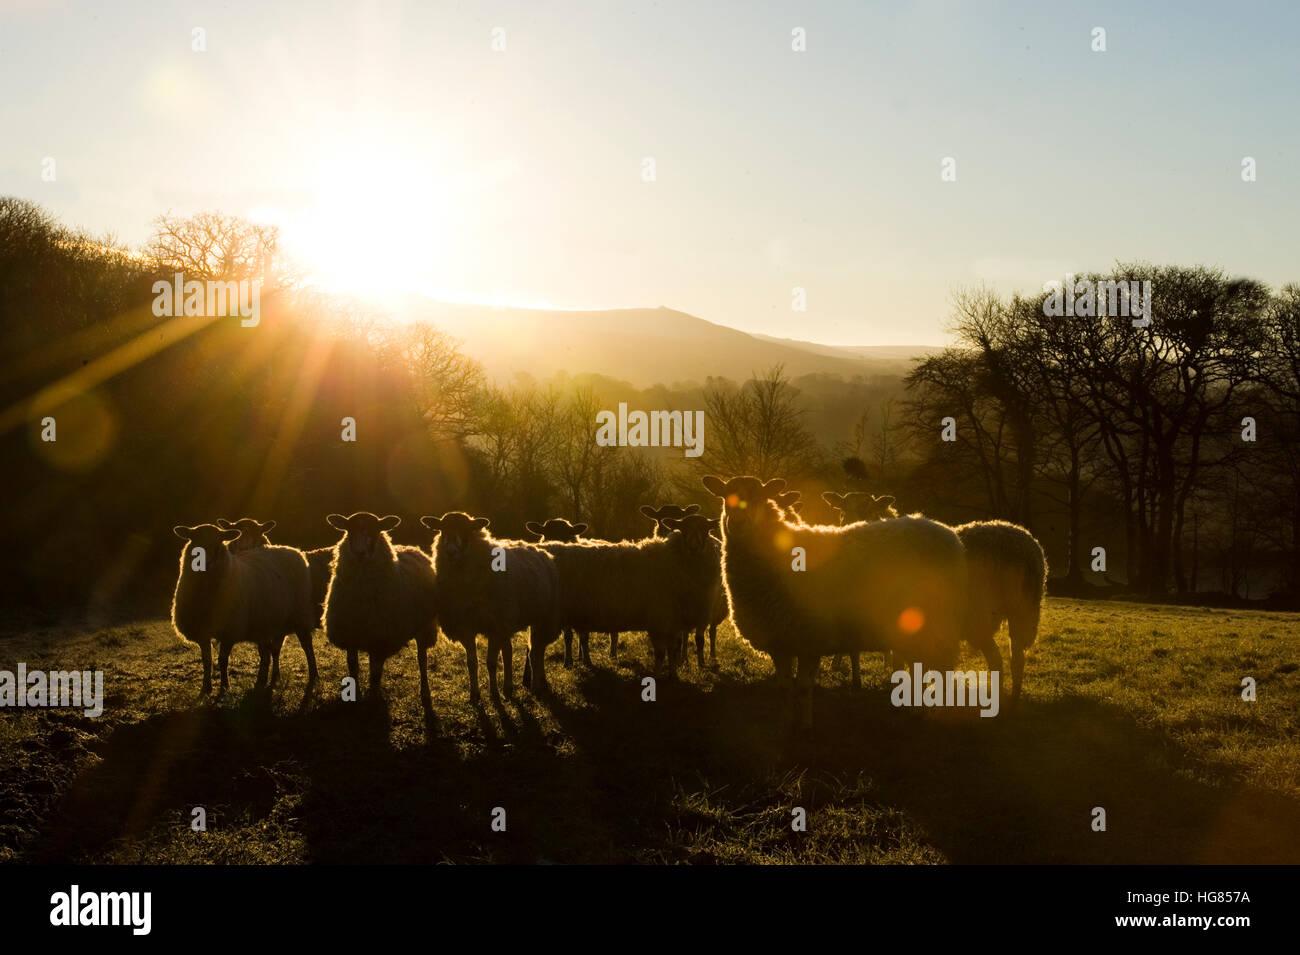 sheep at dawn - Stock Image